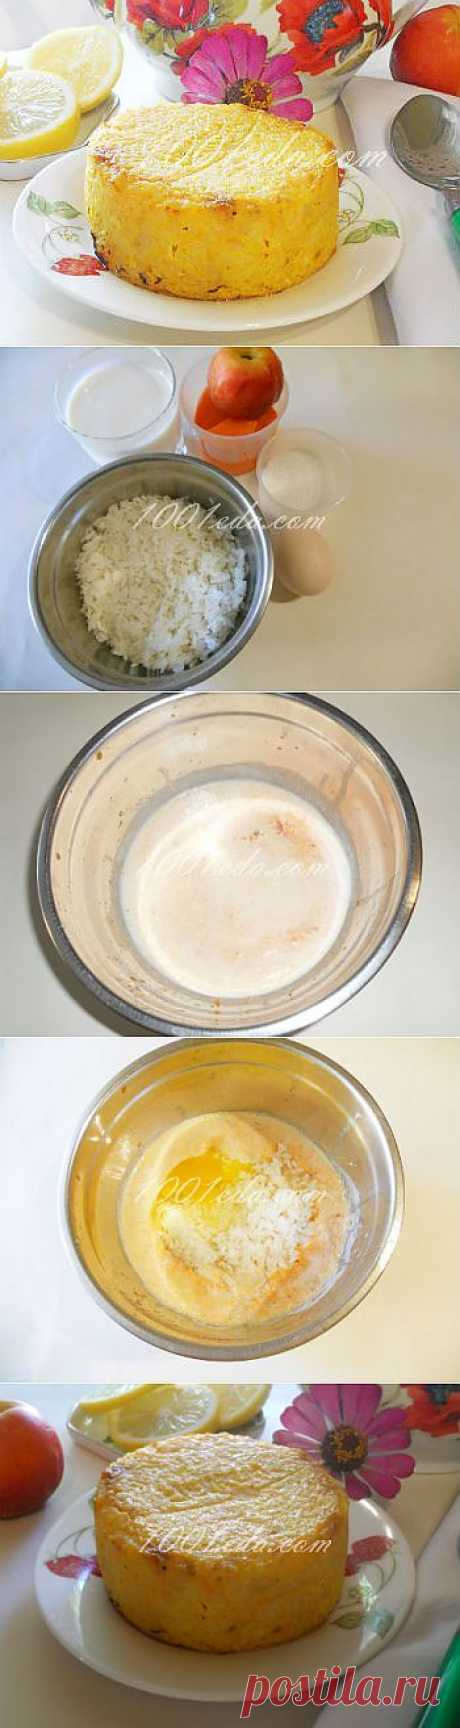 Рисовая запеканка с персиком и тыквой: рецепт с пошаговым фото - Запеканка рисовая . 1001 ЕДА вкусные рецепты с фото!